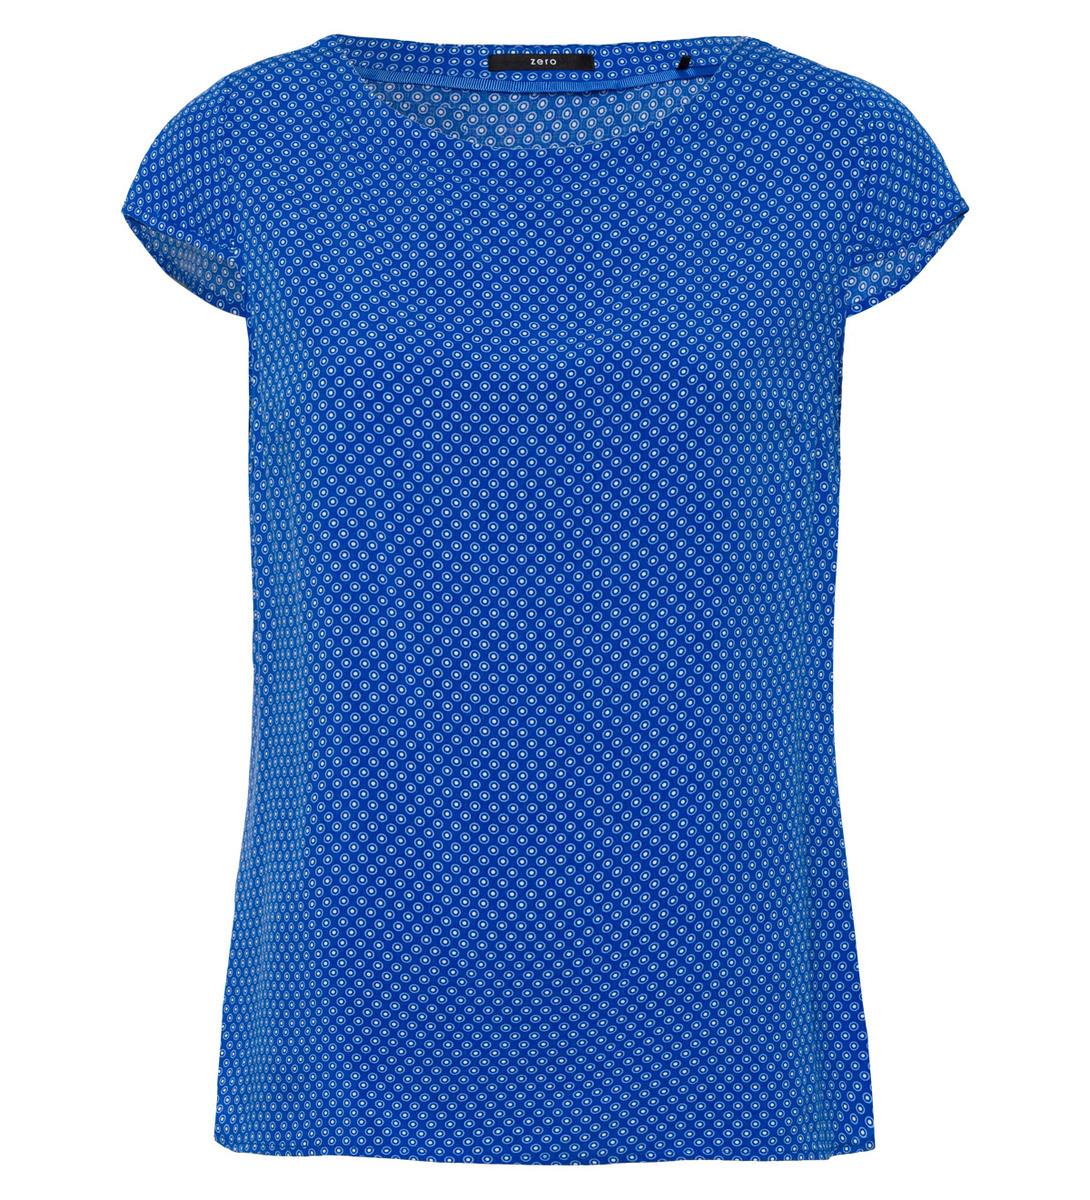 Bluse mit Flügelärmeln in cobalt blue